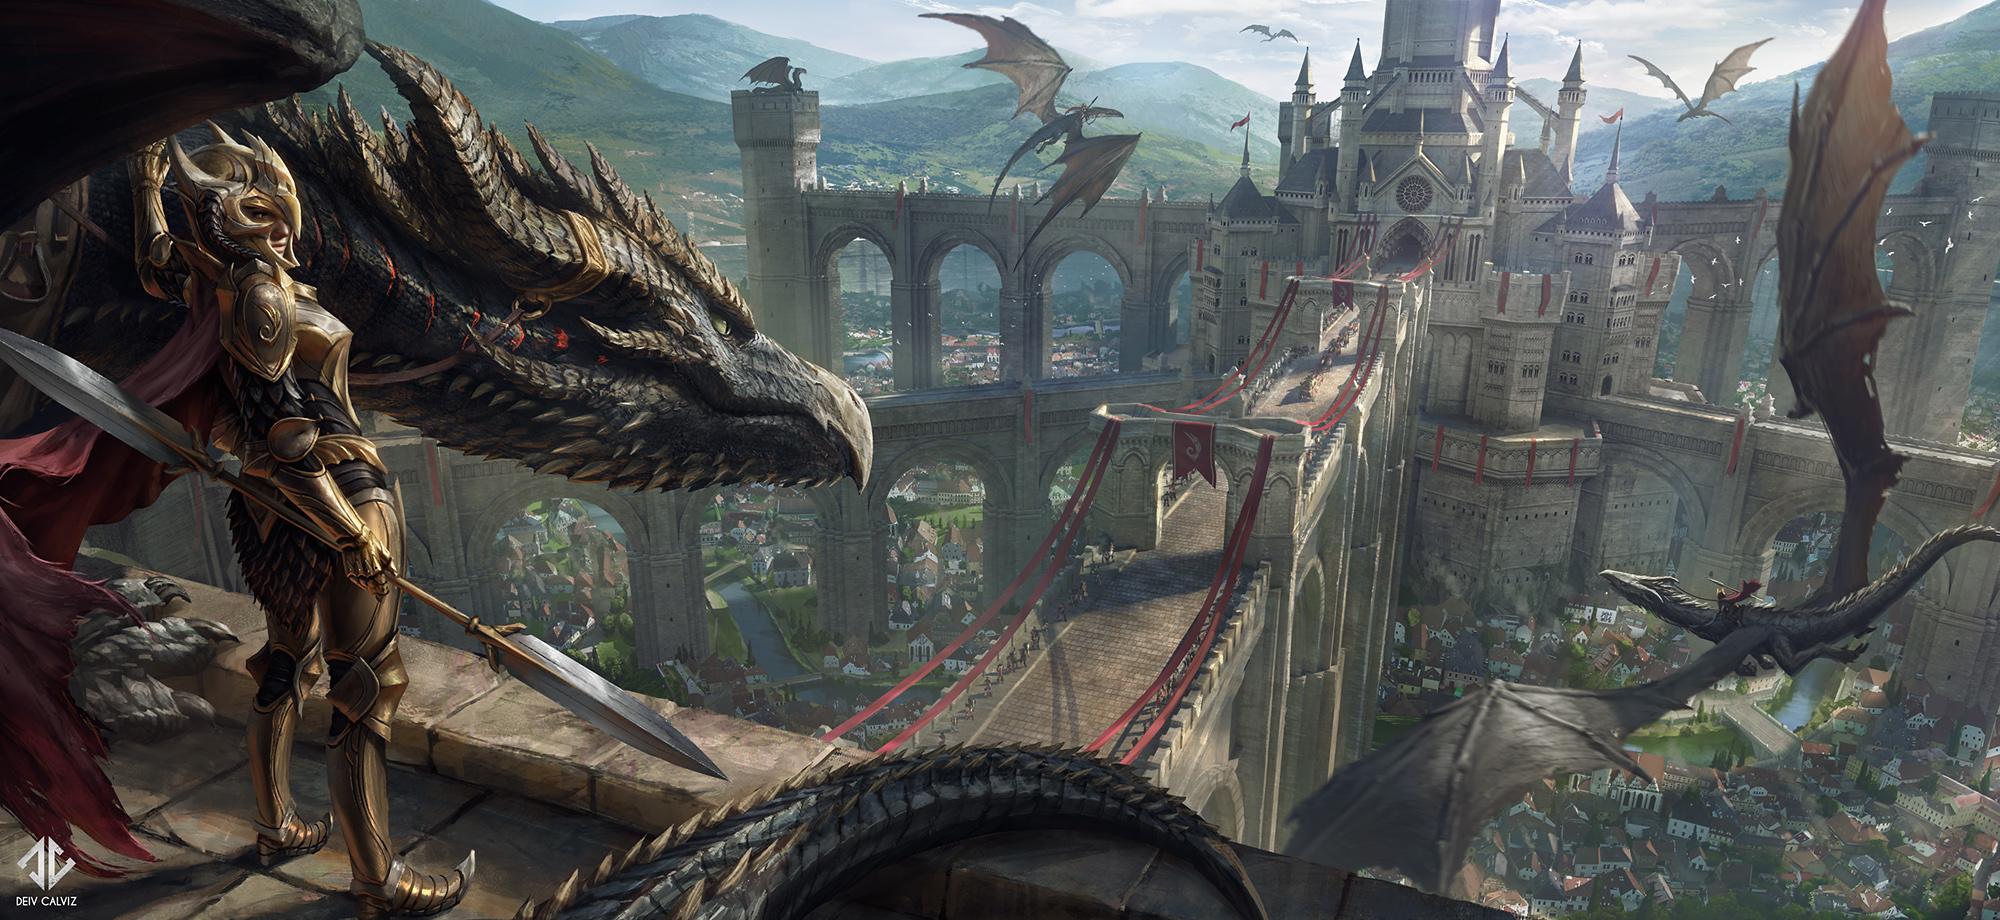 Dragon Watchers By DeivCalviz On DeviantArt